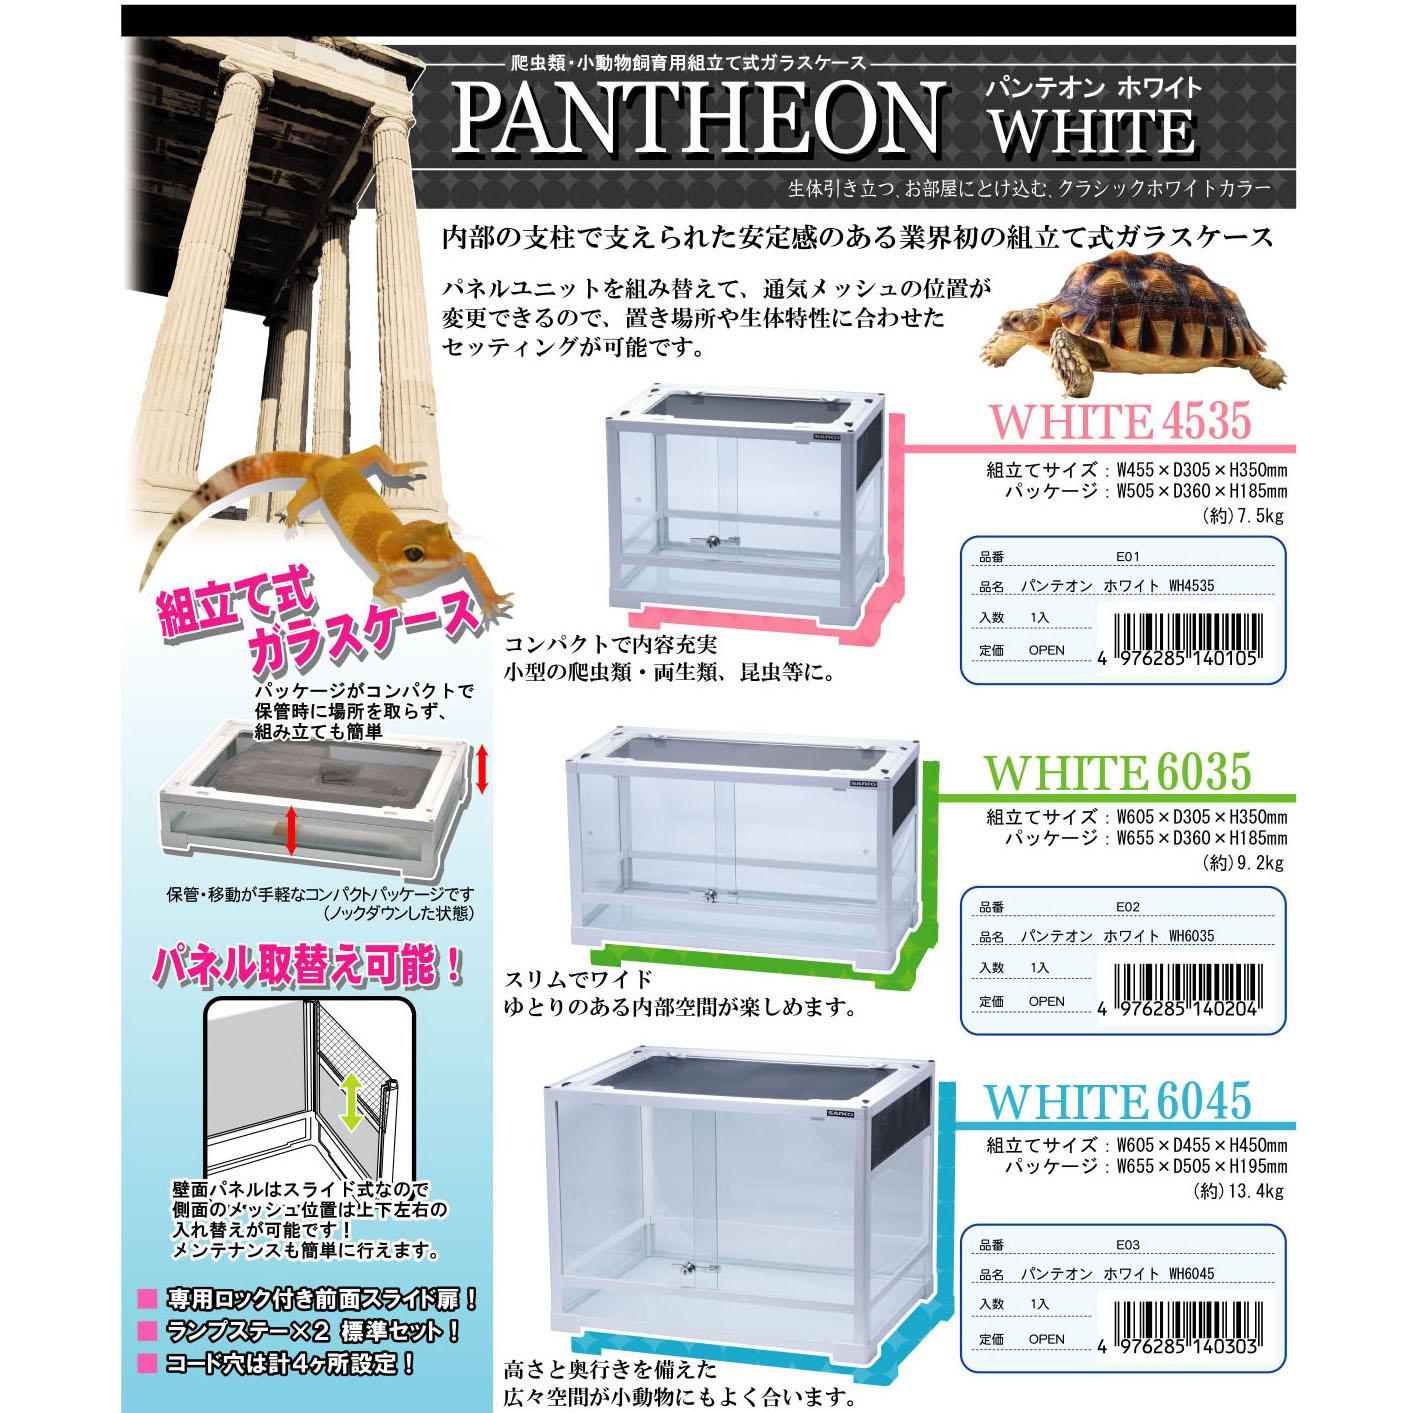 パンテオン ホワイト WH4535 ☆